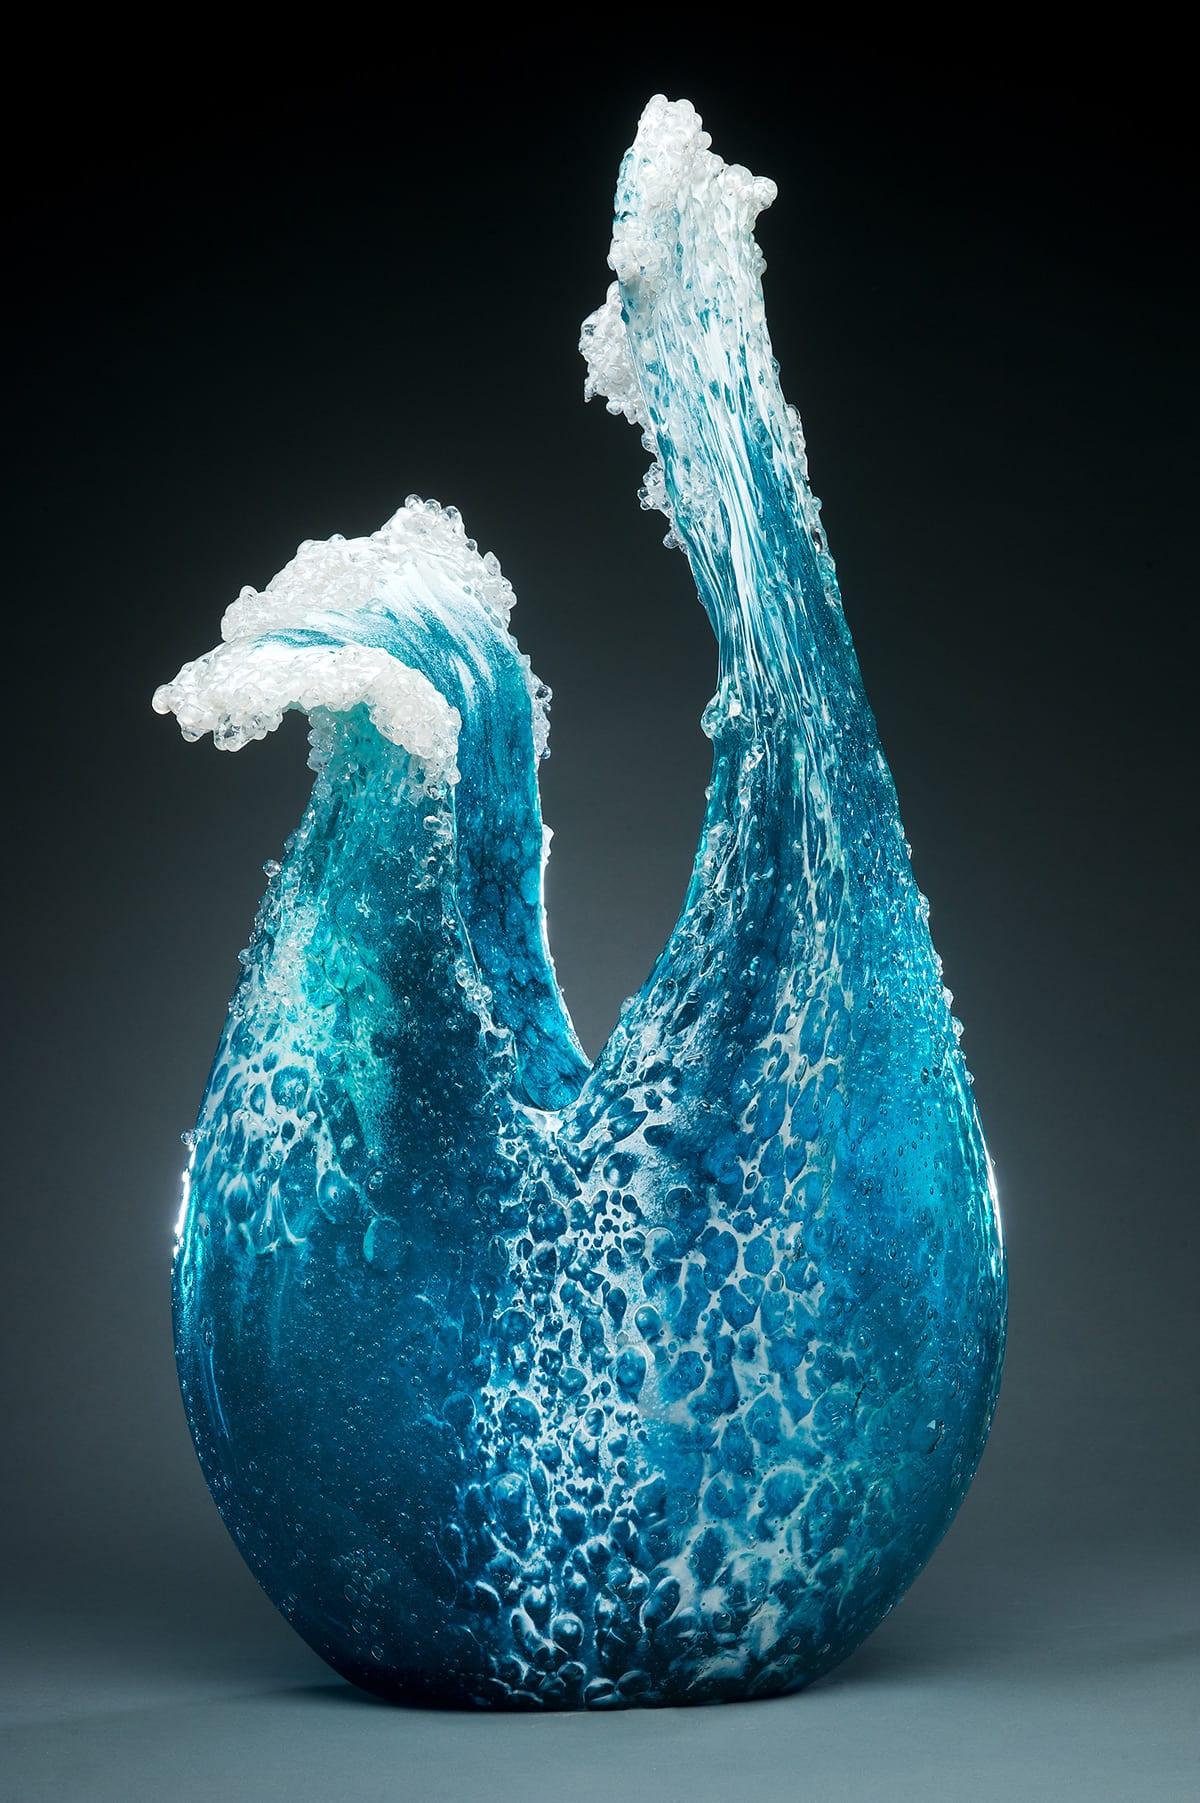 Kunstwerk Aus Gefrorenem Wasser